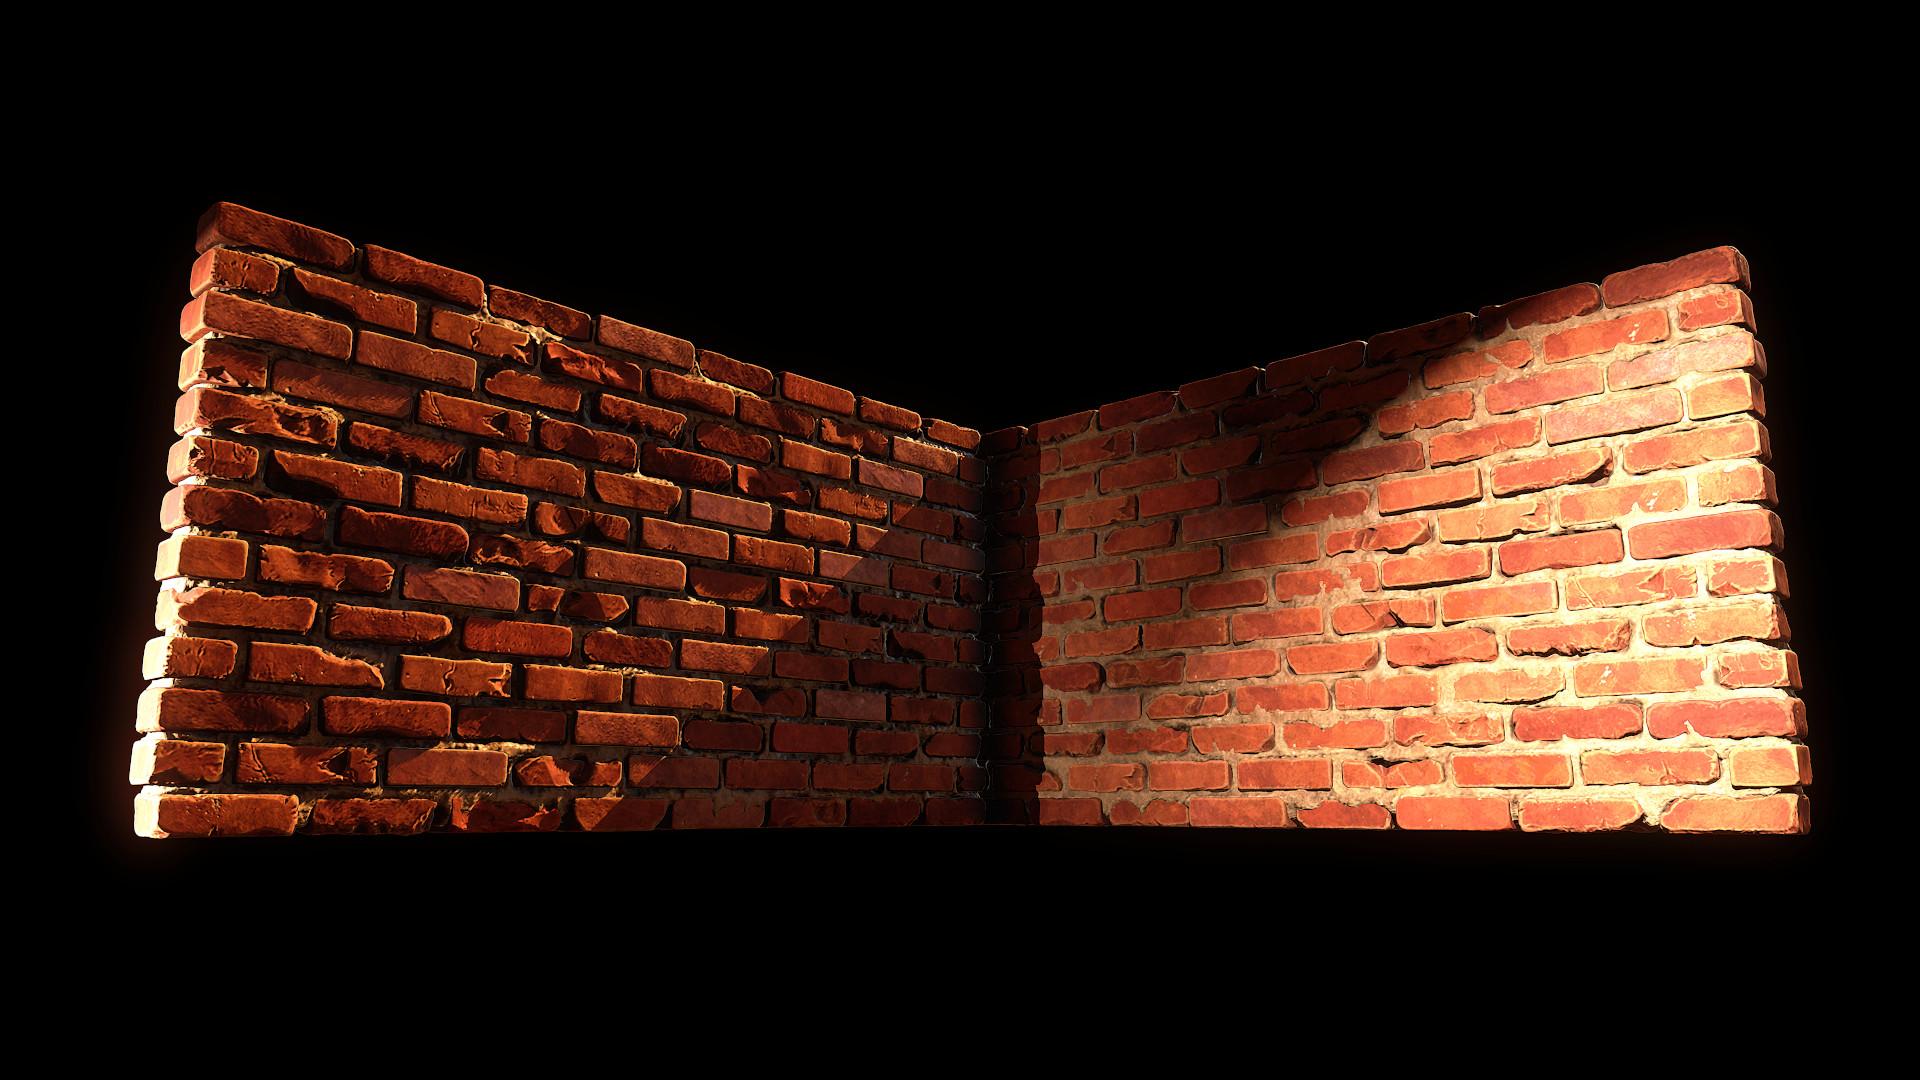 Bela csampai brick wall 01 render mt 01